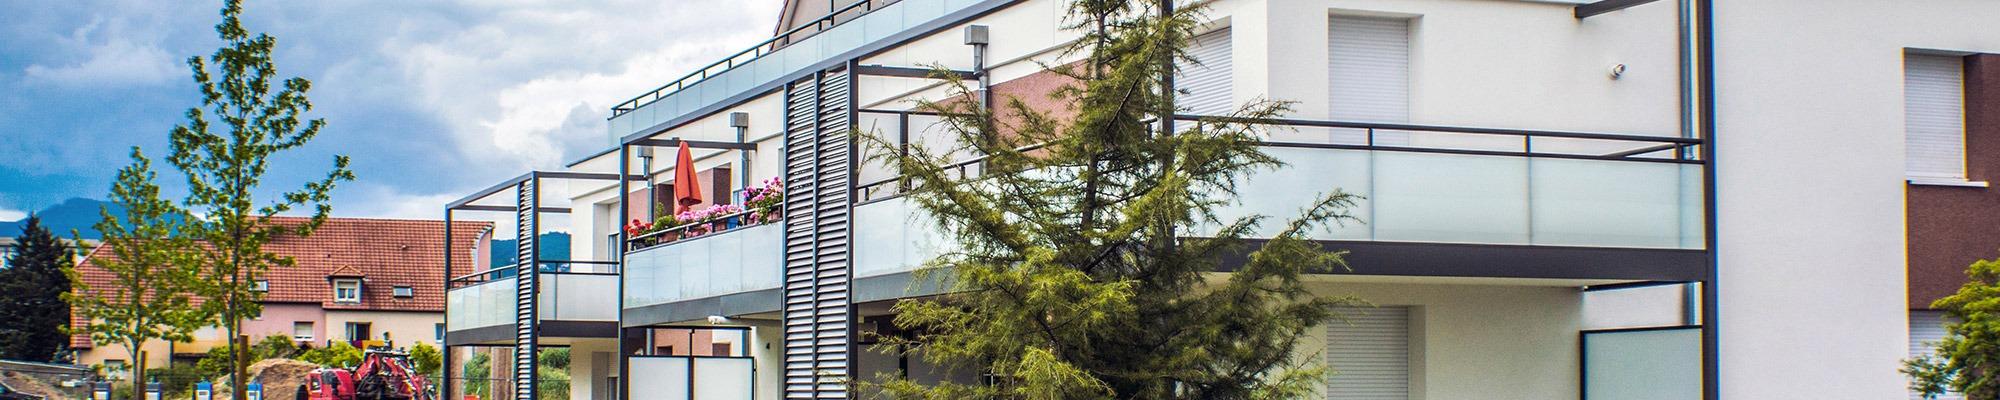 façade immeuble avec balcon